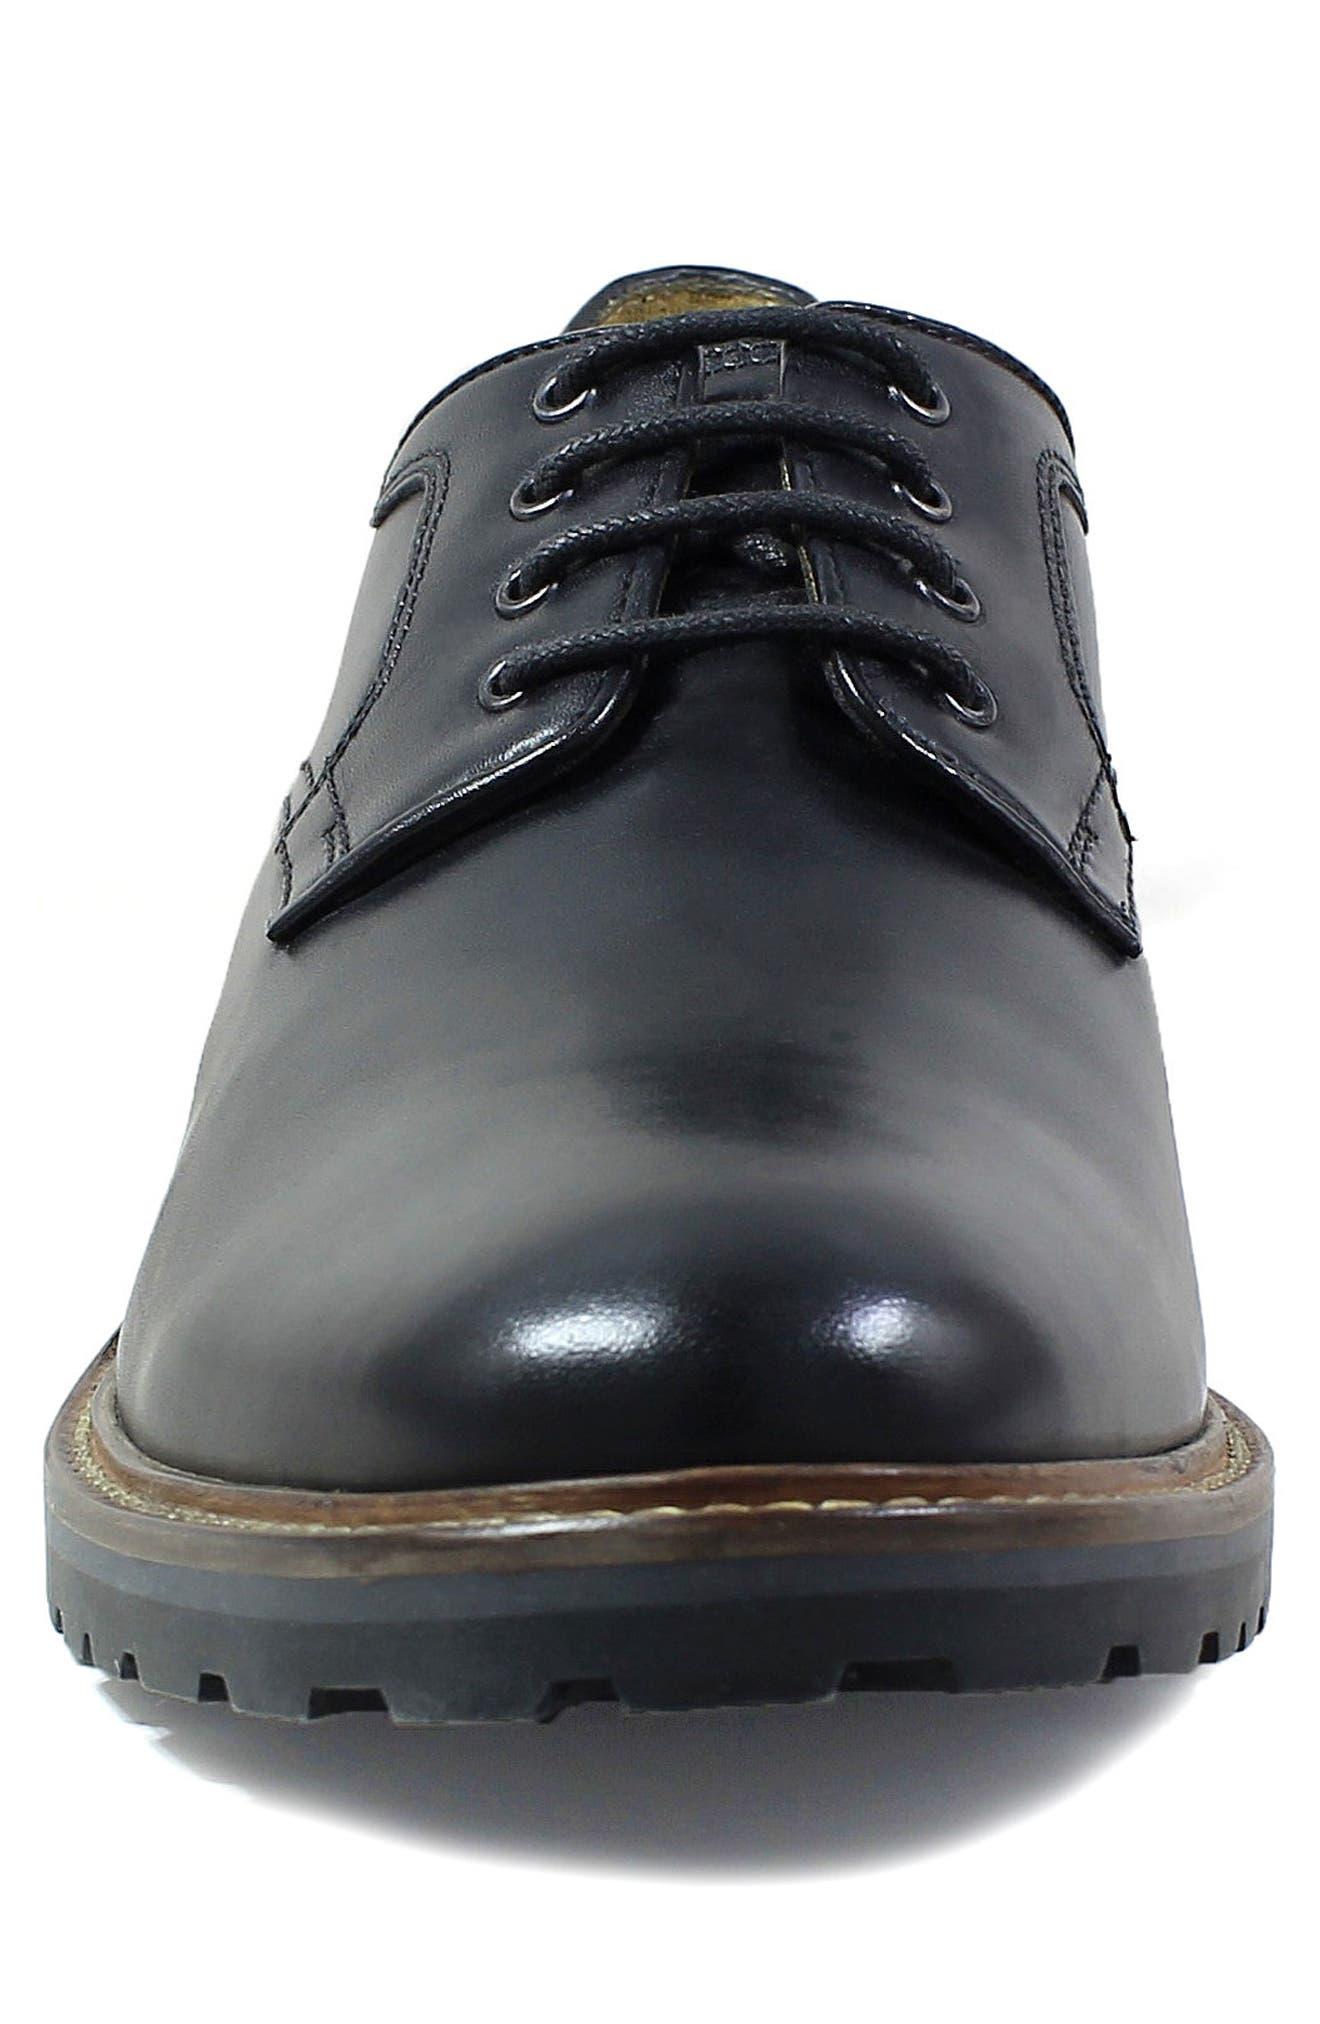 Estabrook Plain Toe Derby,                             Alternate thumbnail 4, color,                             Black